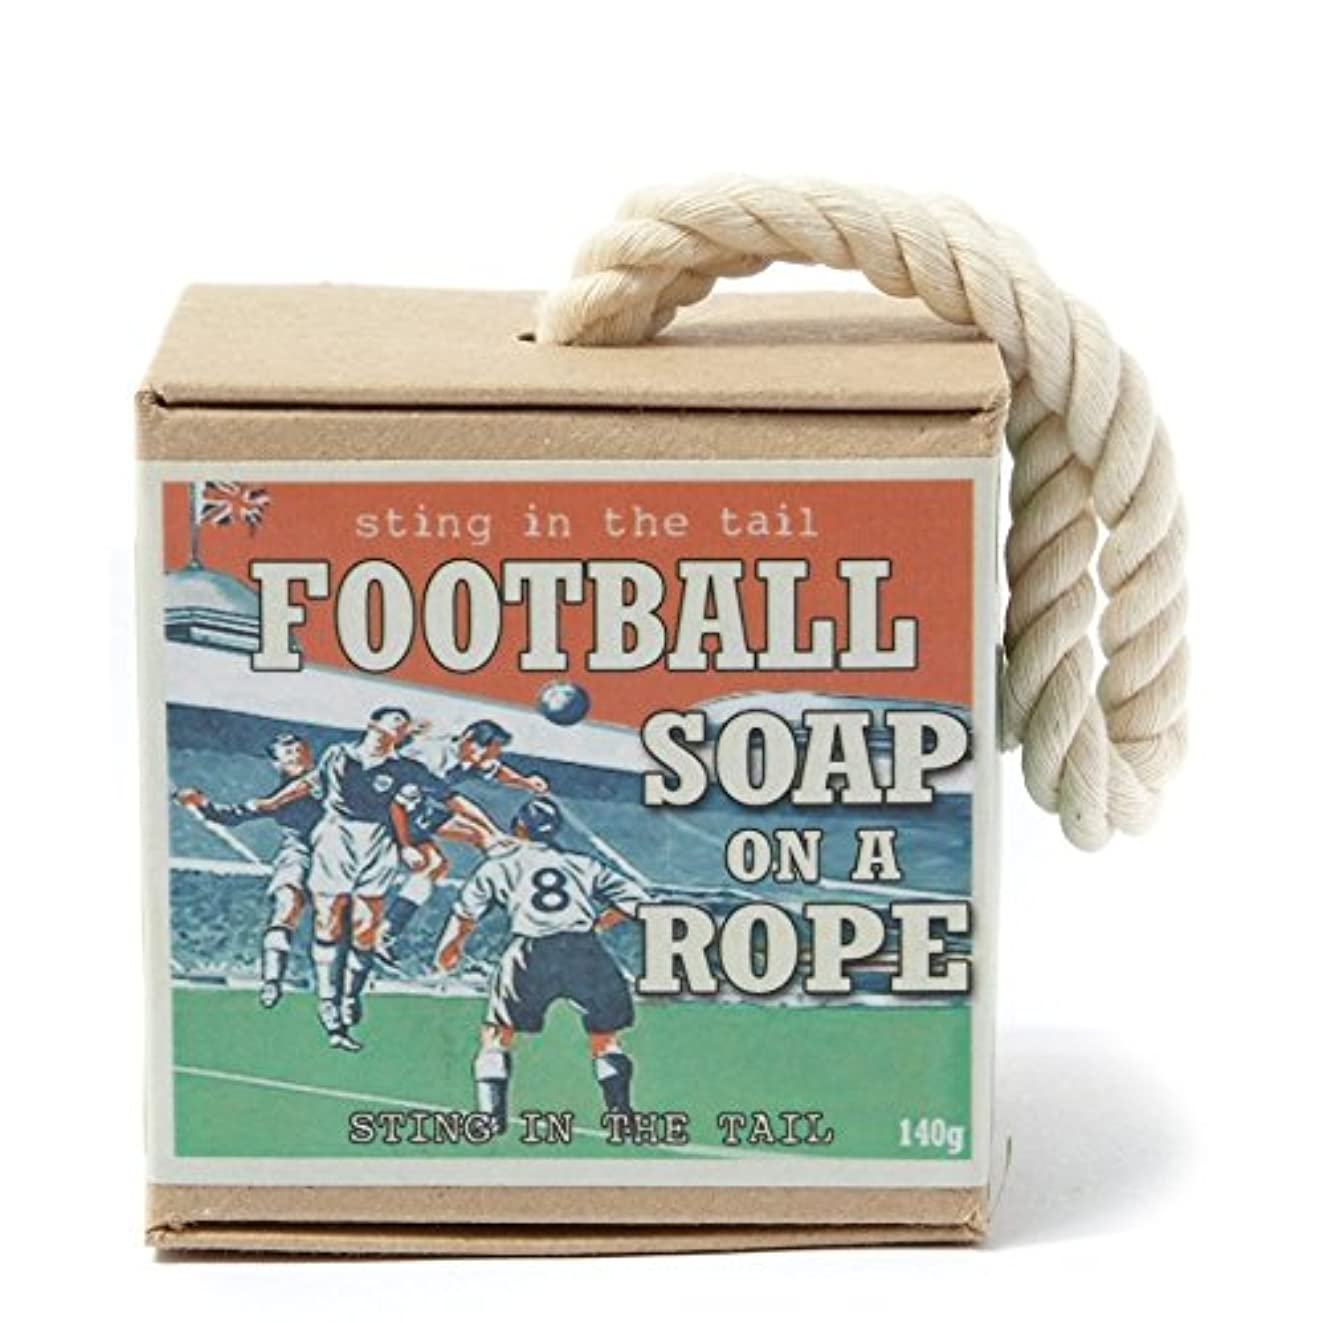 着陸パドル議論するロープ石鹸のテールサッカーで刺します x4 - Sting In The Tail Football on a Rope Soap (Pack of 4) [並行輸入品]